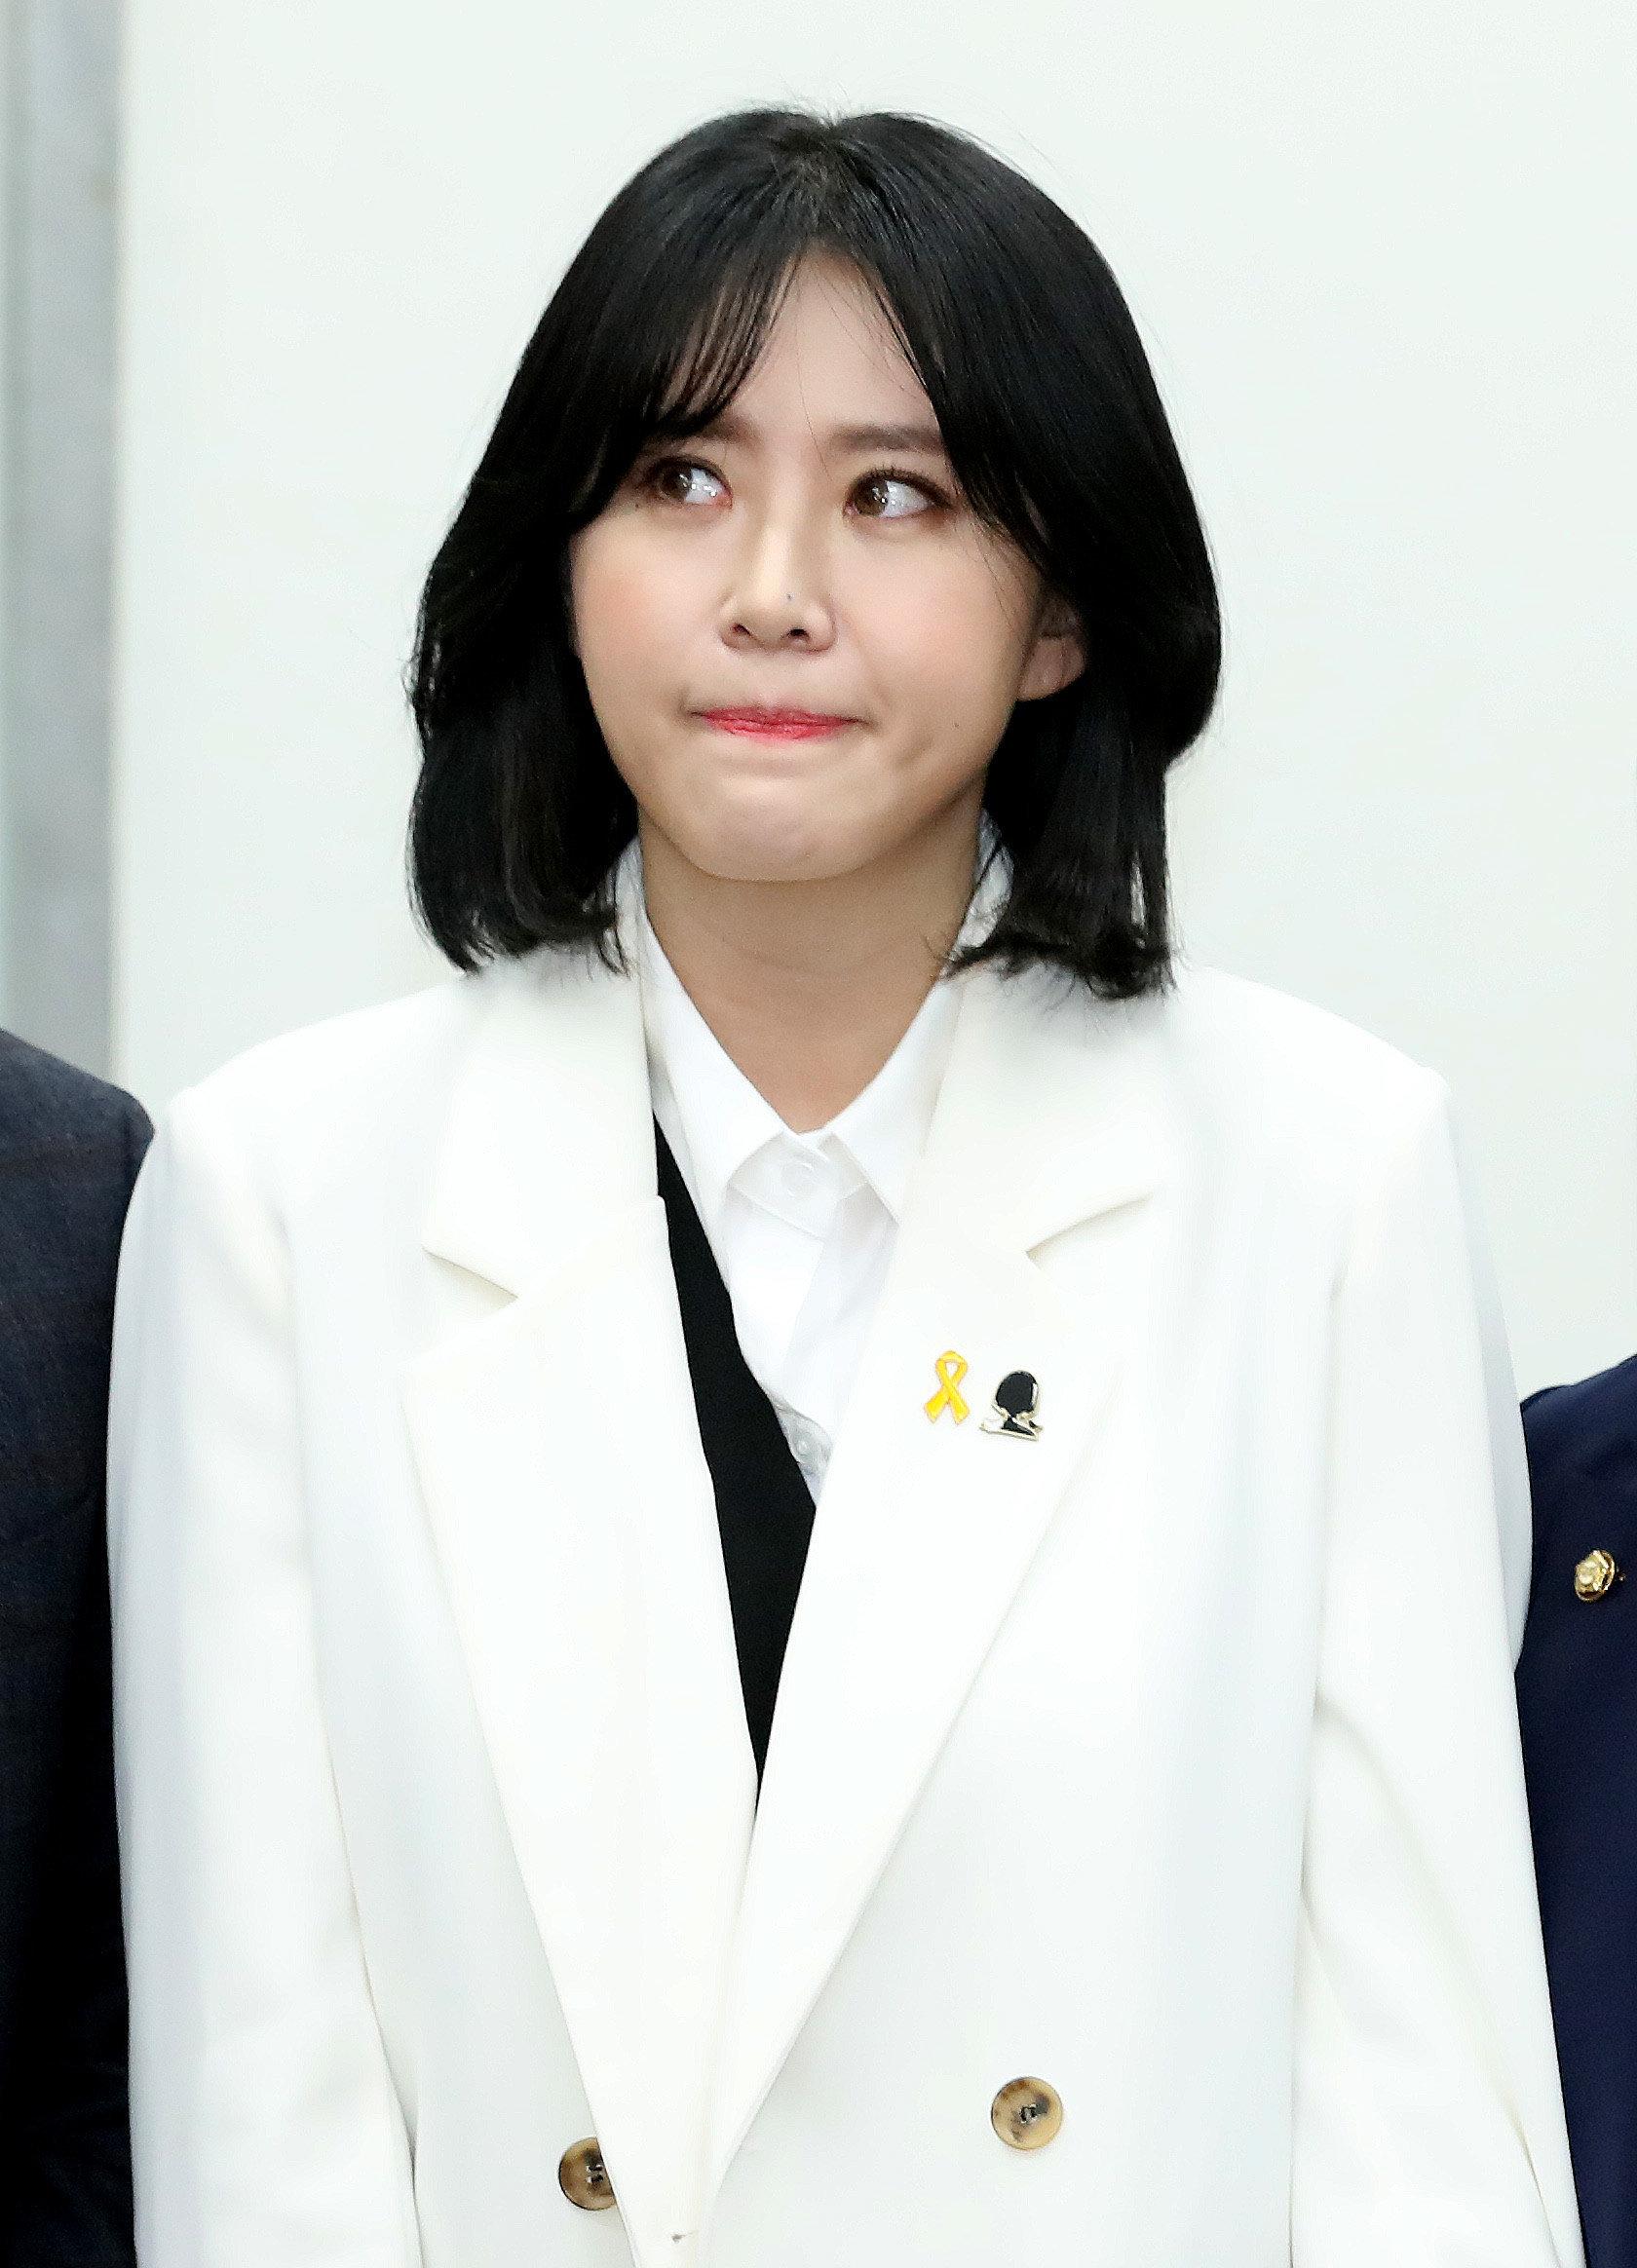 윤지오가 前조선일보 기자 조희천의 '진술 조작'에 대해